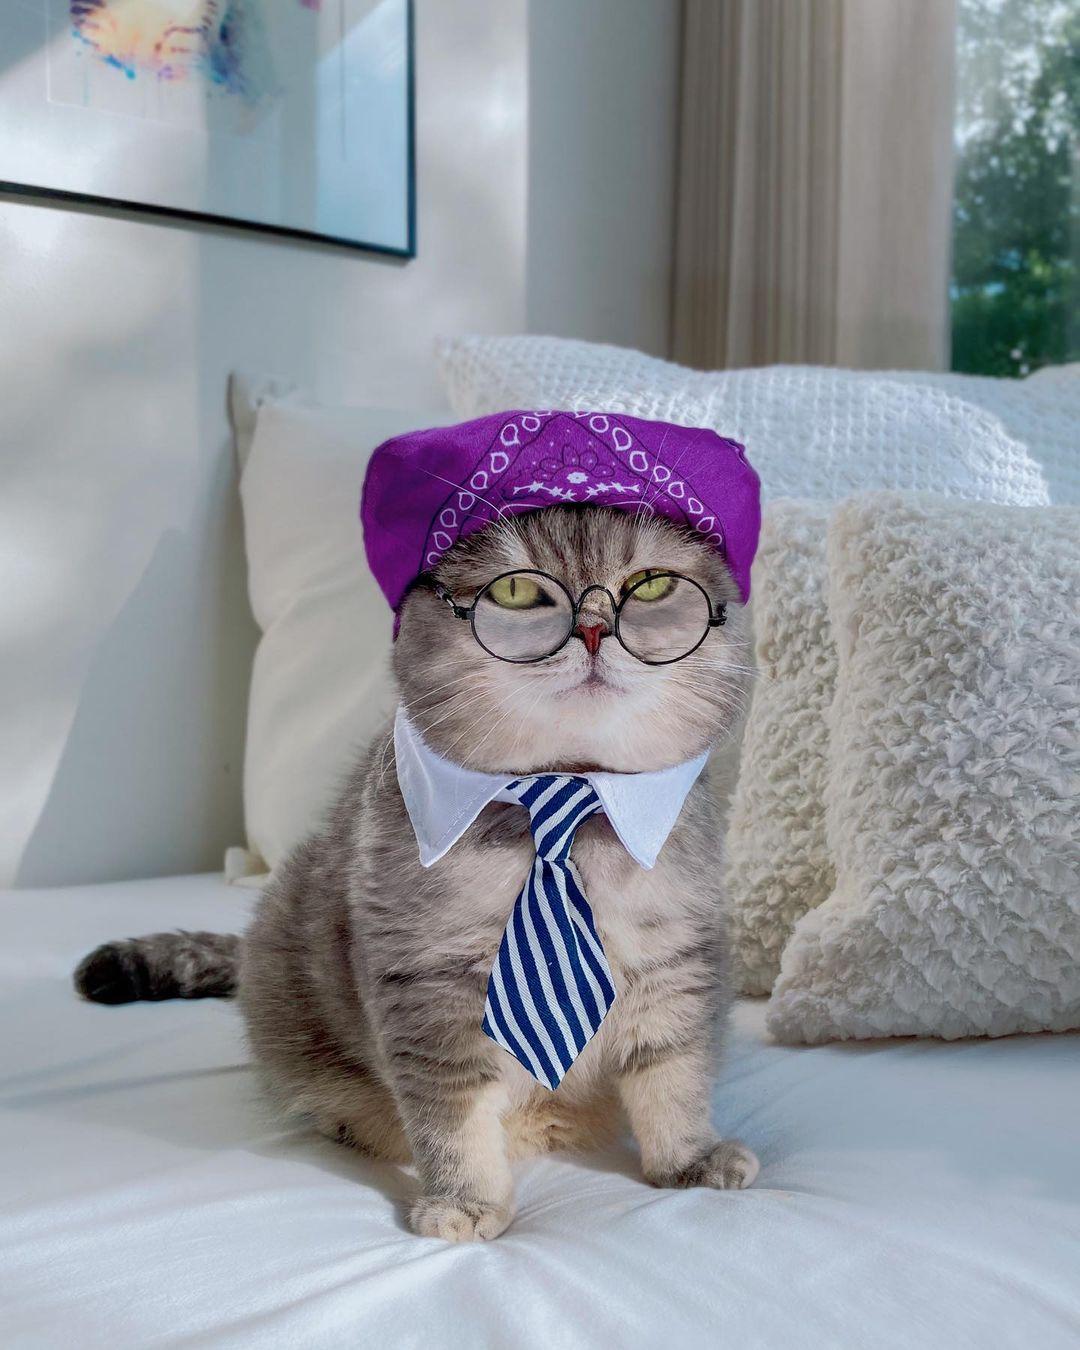 Thắt cà vạt, đội khăn và đeo kính, trông Benson không khác gì nhân viên văn phòng vừa chỉn chu, vừa cá tính.